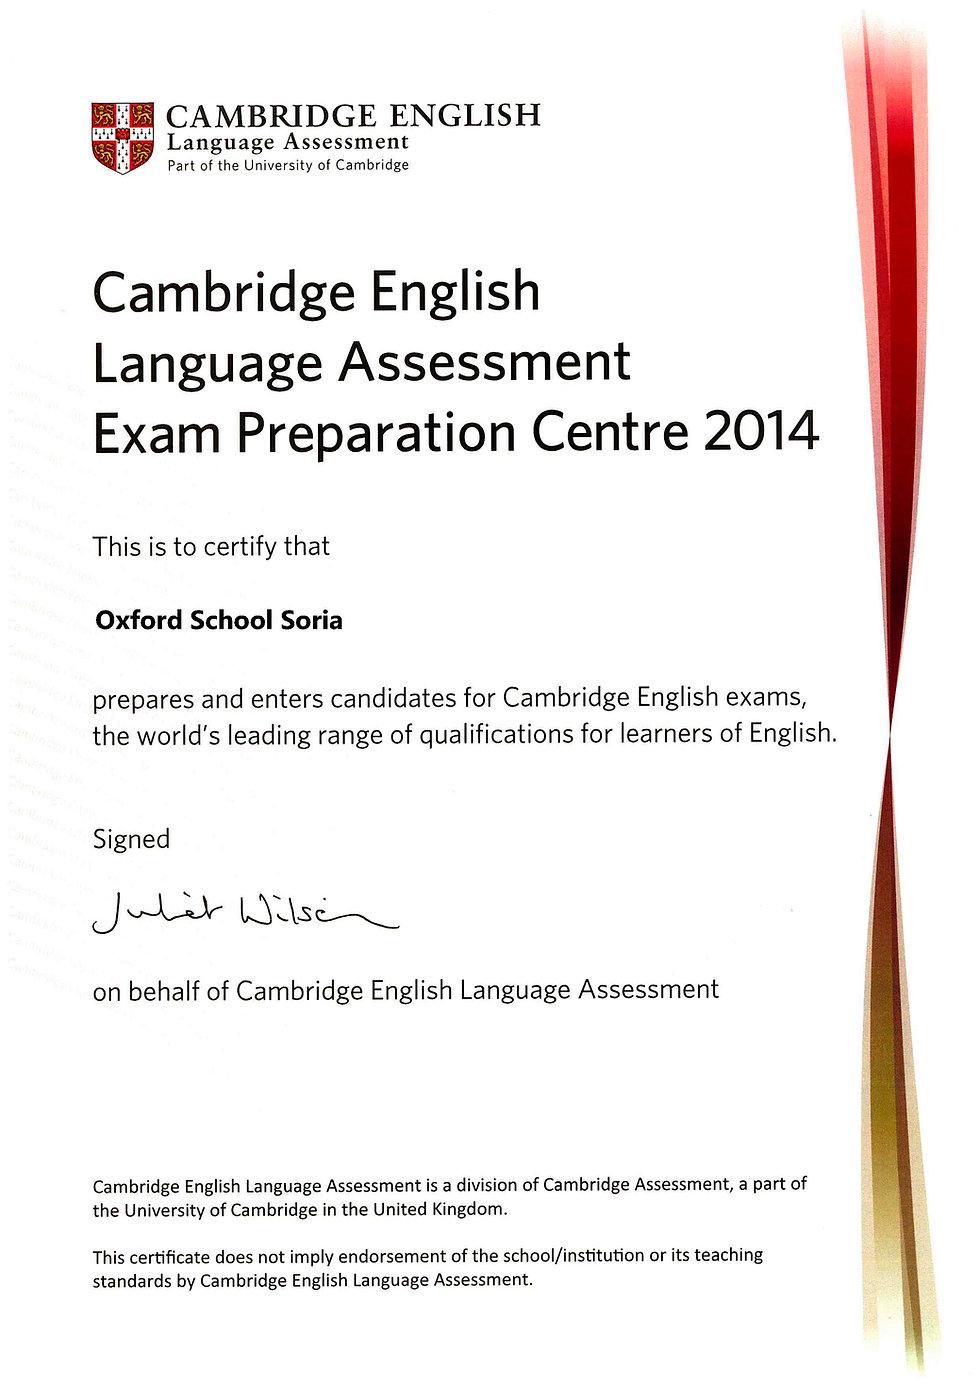 Centro preparadoe examenes Cambridge